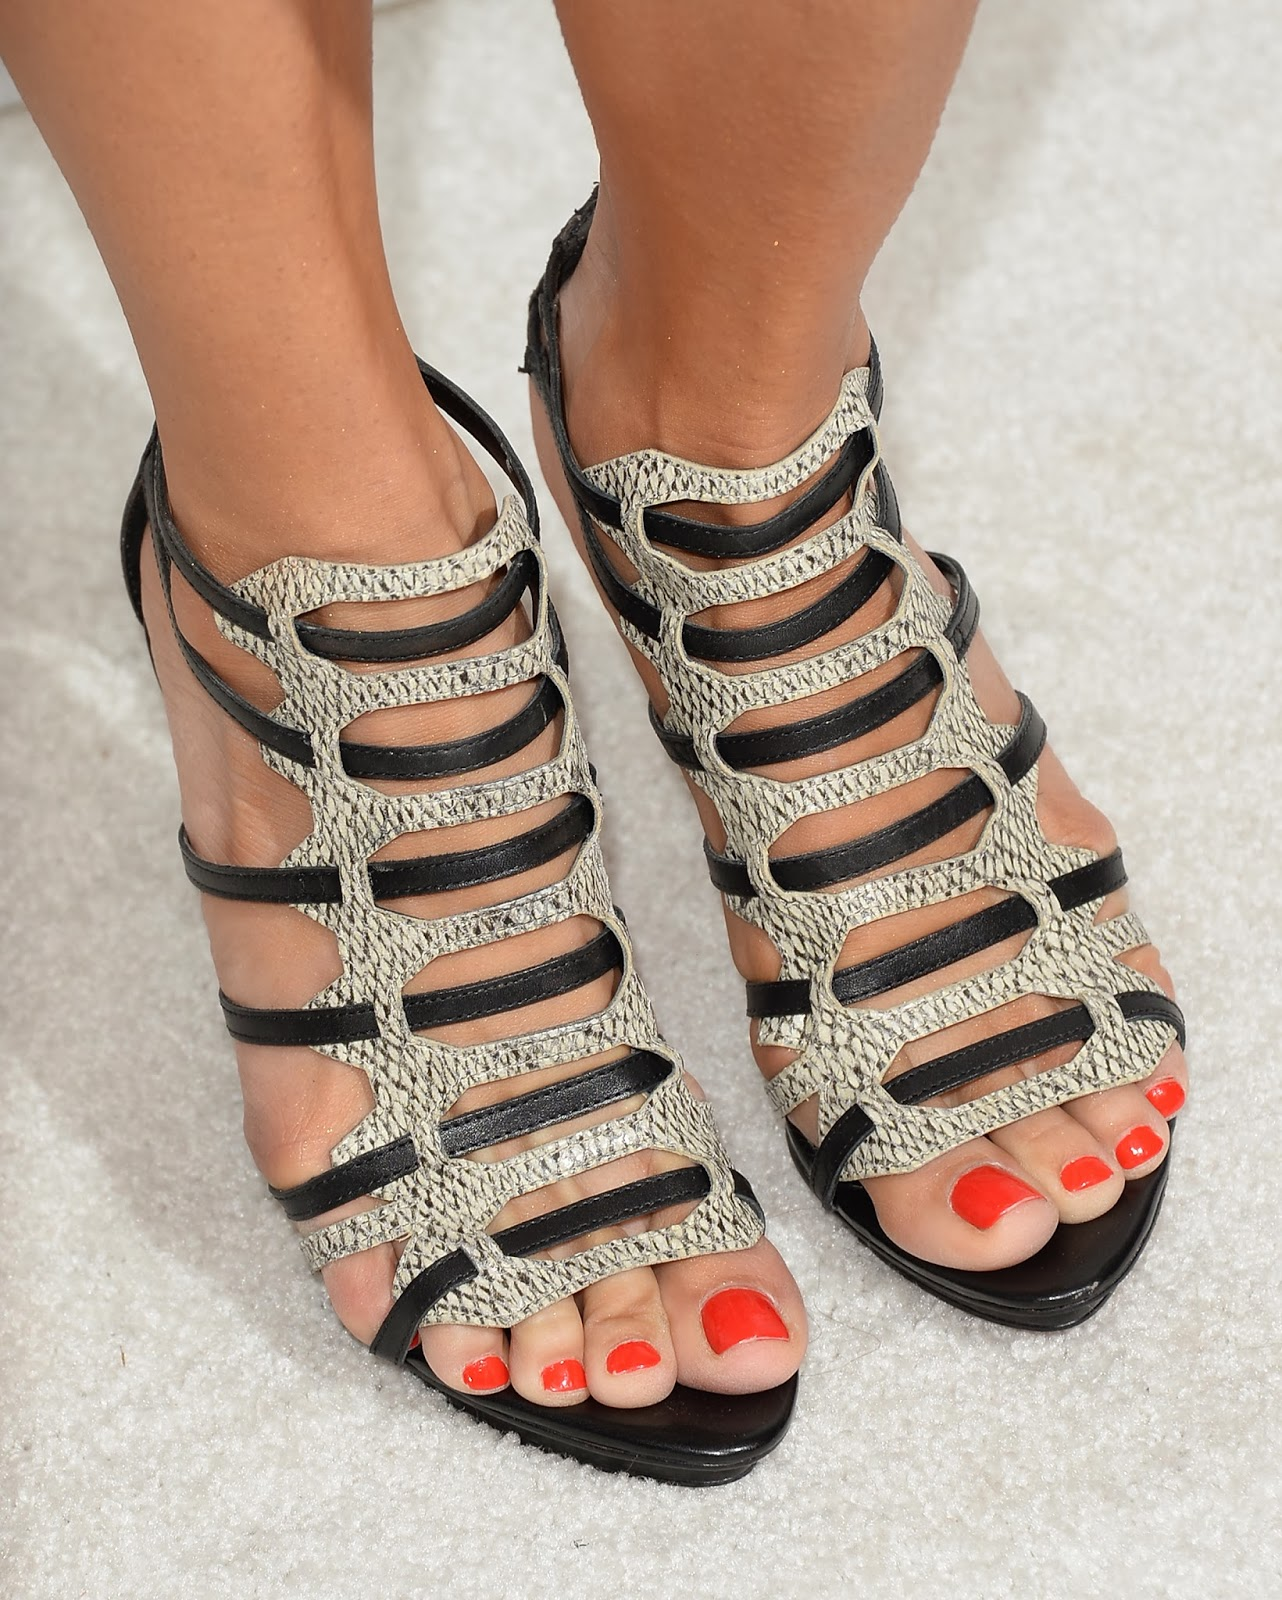 Sexy Shoes Feet Women